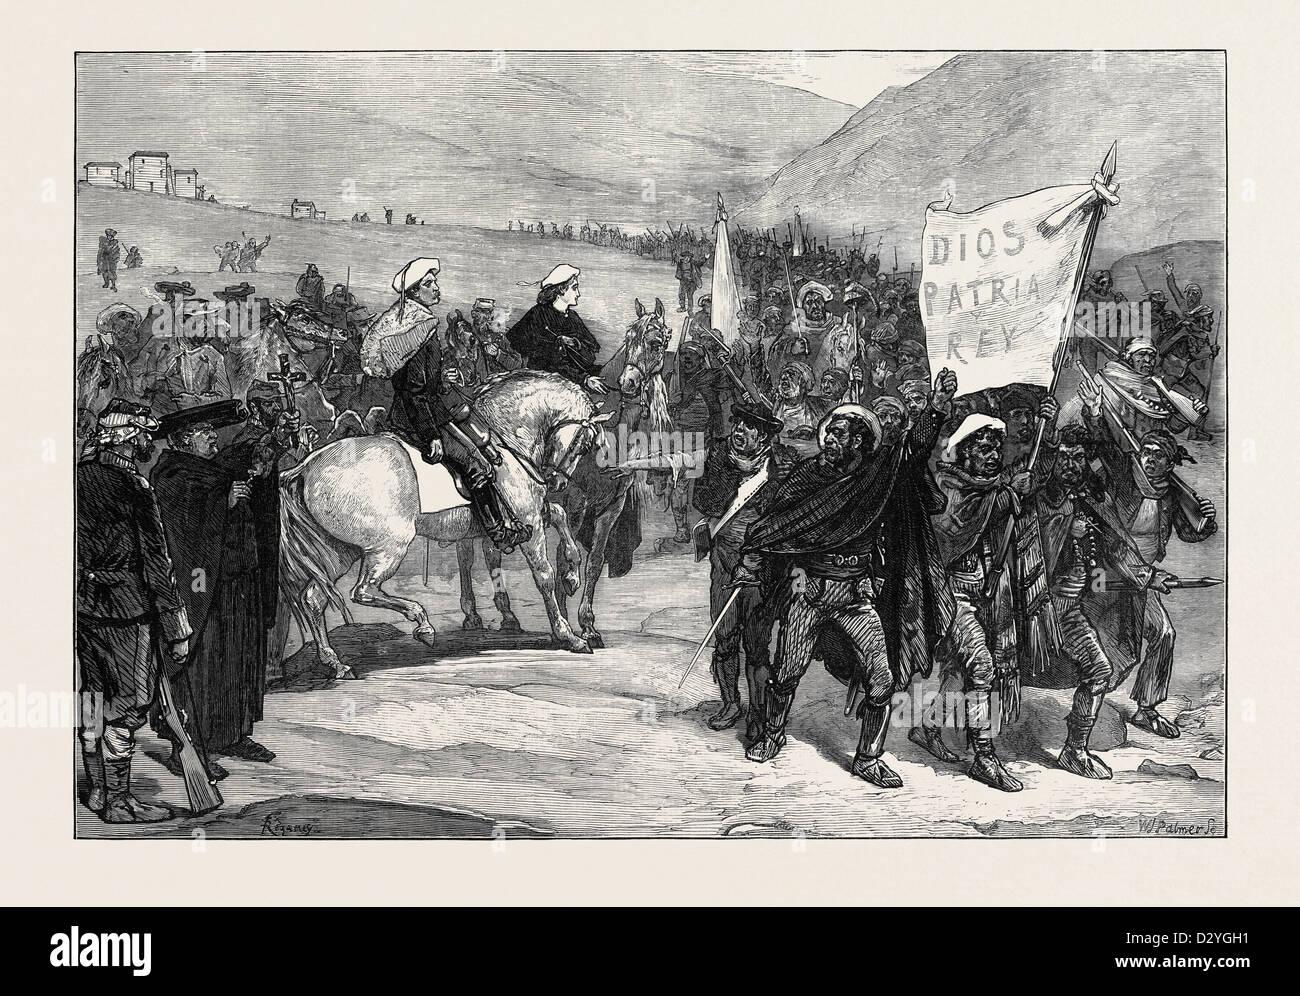 Recensione di CARLISTI VOLONTARI IN CATALOGNA da Don Alfonso 1873 Immagini Stock